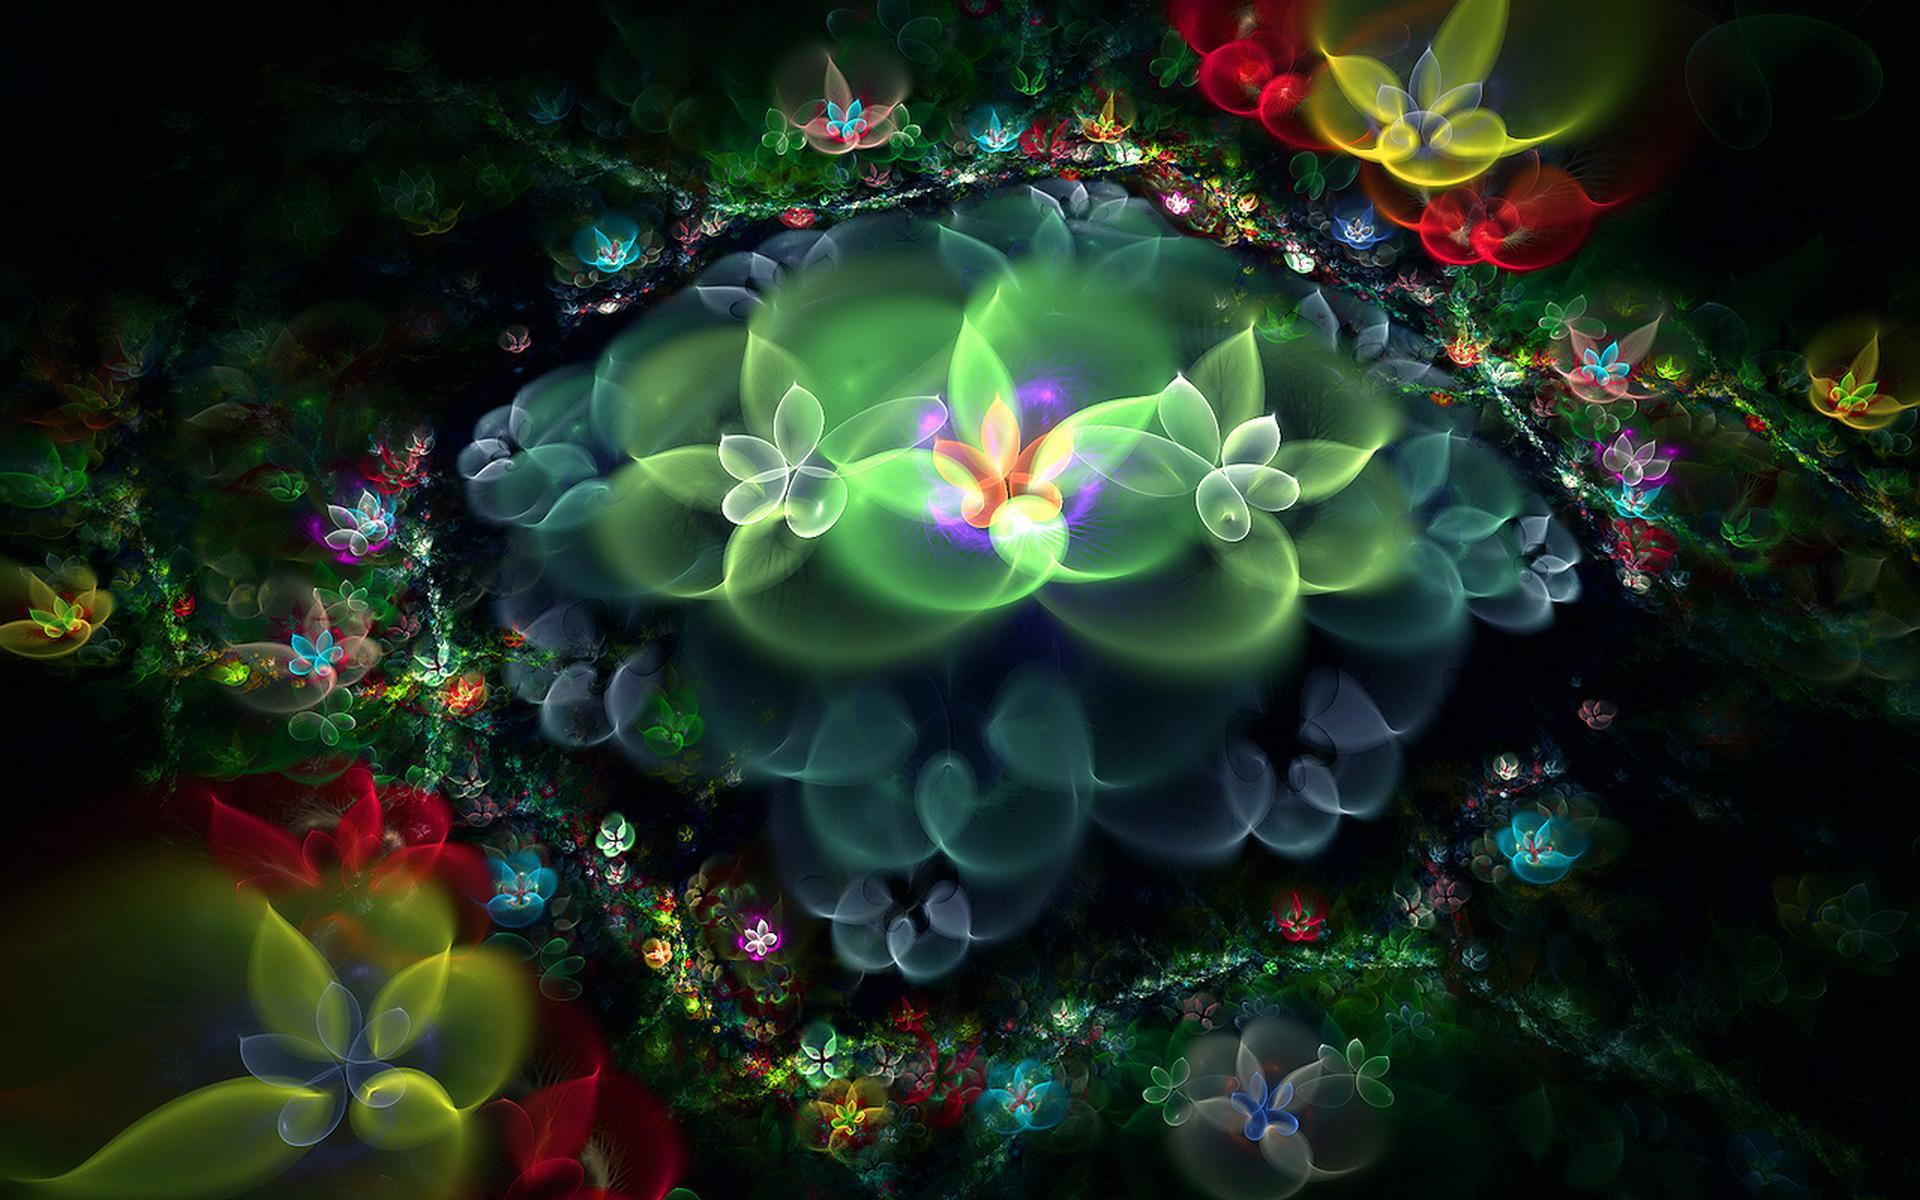 Цветы цветочная абстракция 1920x1200